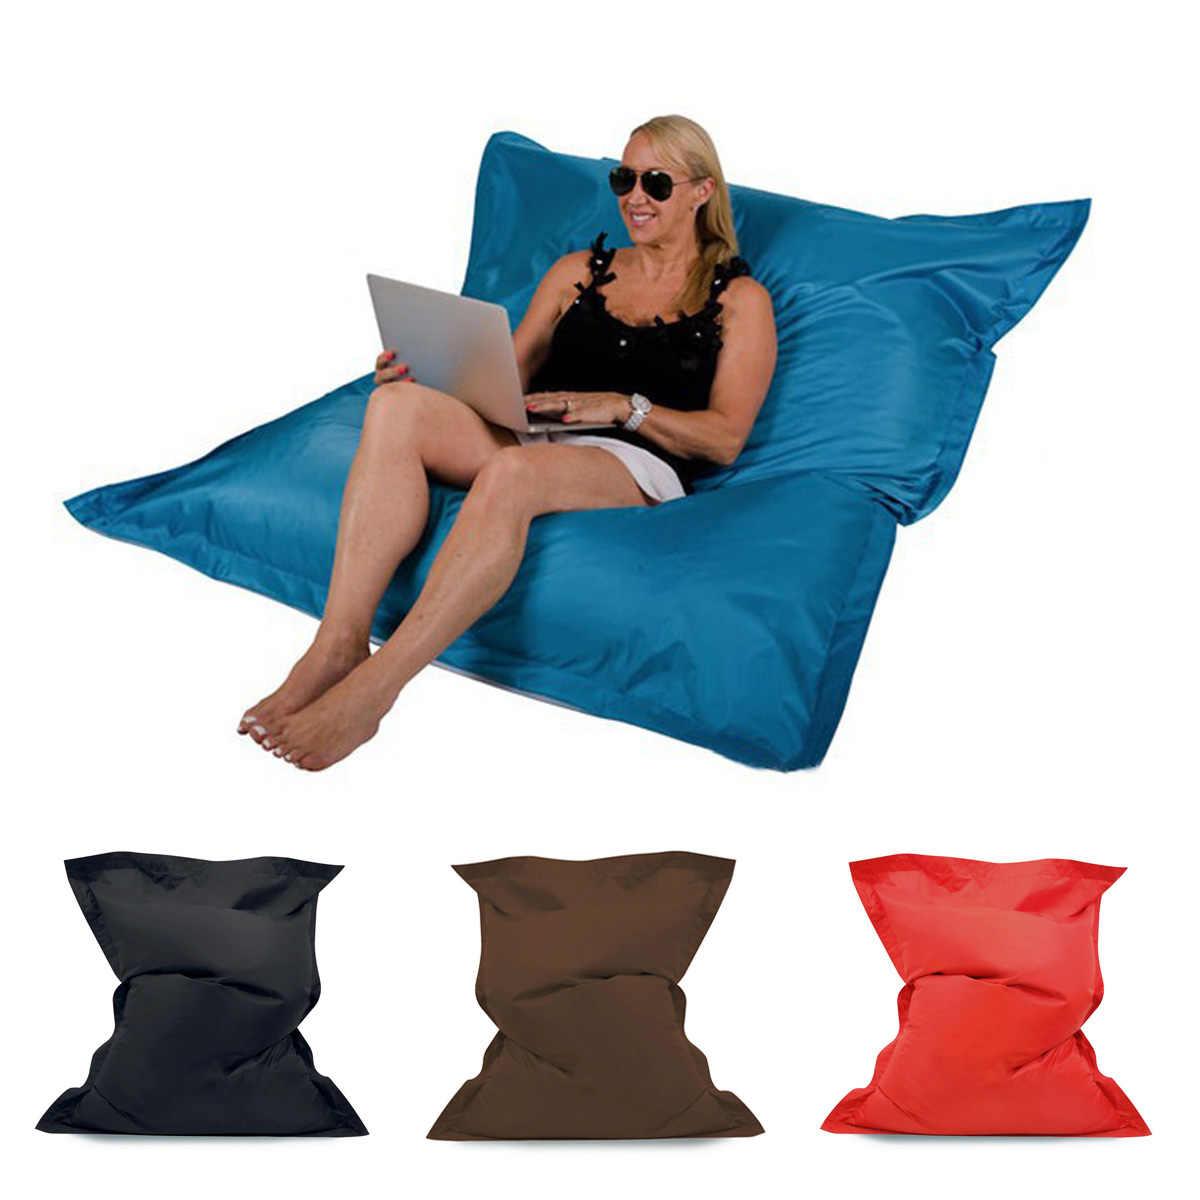 Saco de Assento Beanbag Cadeira Do Sofá Magia Casos Zac Conforto Tampa Sem o Preenchimento do Saco de Feijão Cama Lounge Chair Beanbag Interior À Prova D' Água